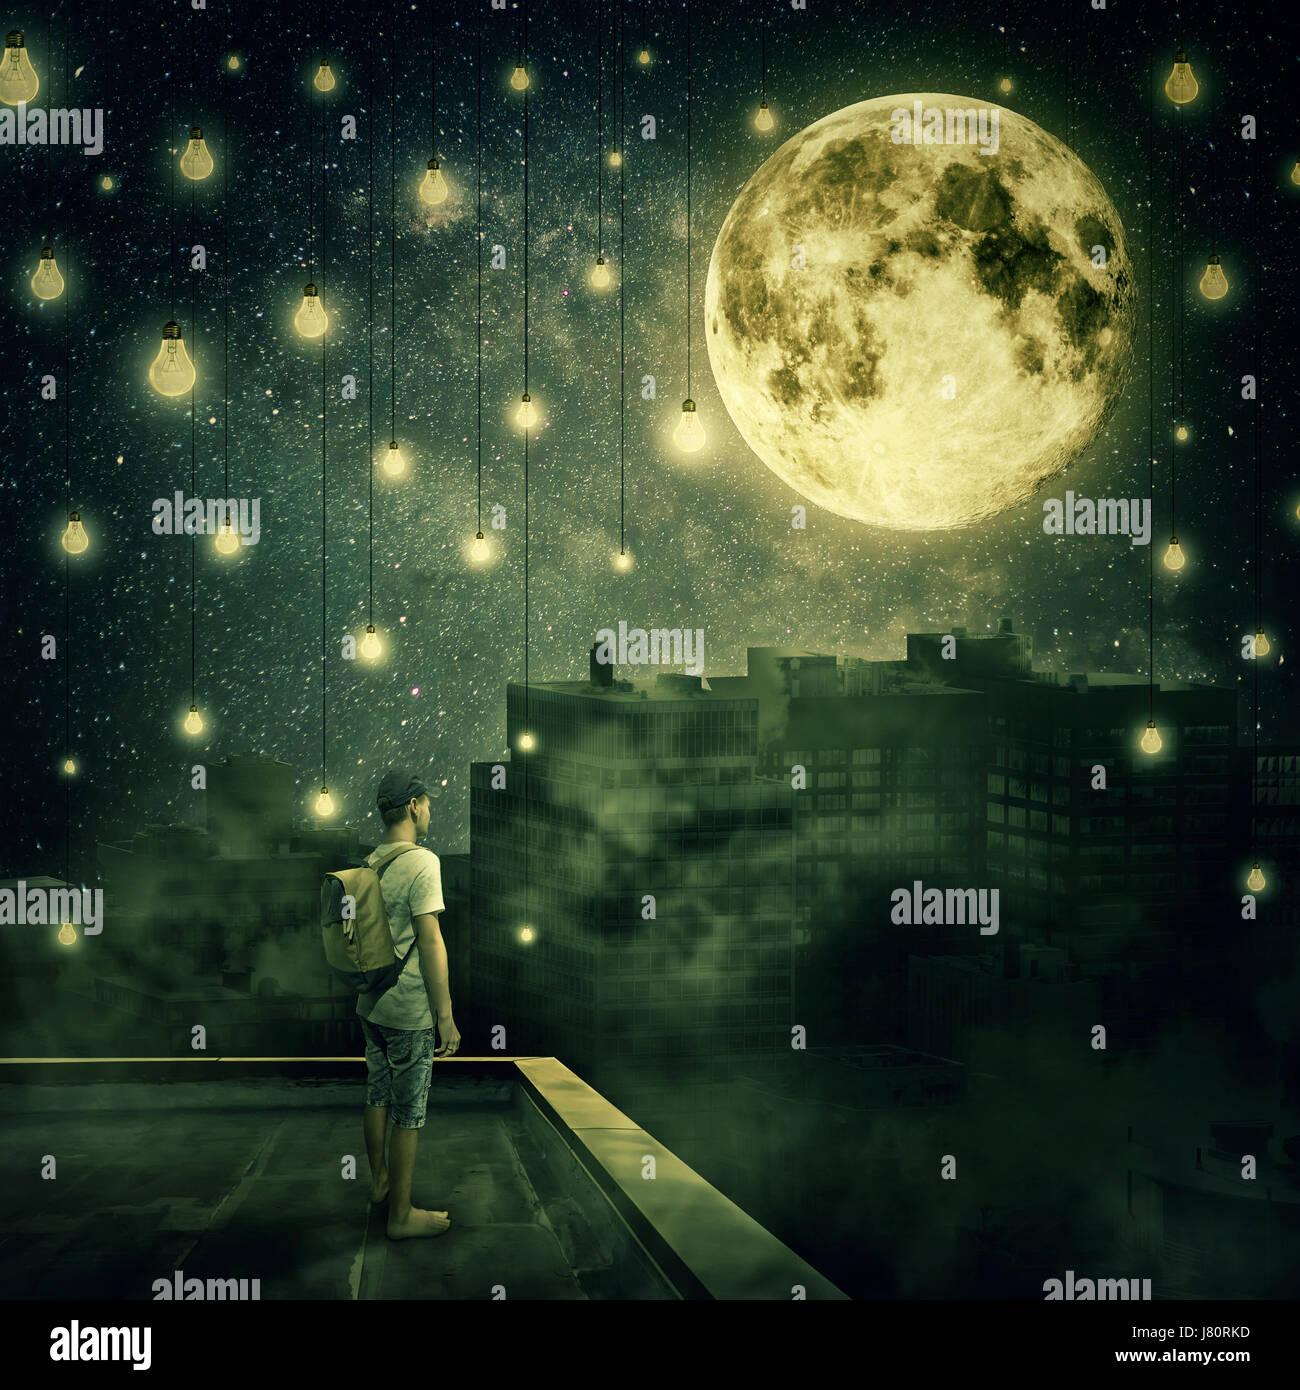 Ragazzo giovane rimanere sul tetto guardando la luna piena. Notte misteriosa con lampadine sospesa come stelle sopra Immagini Stock